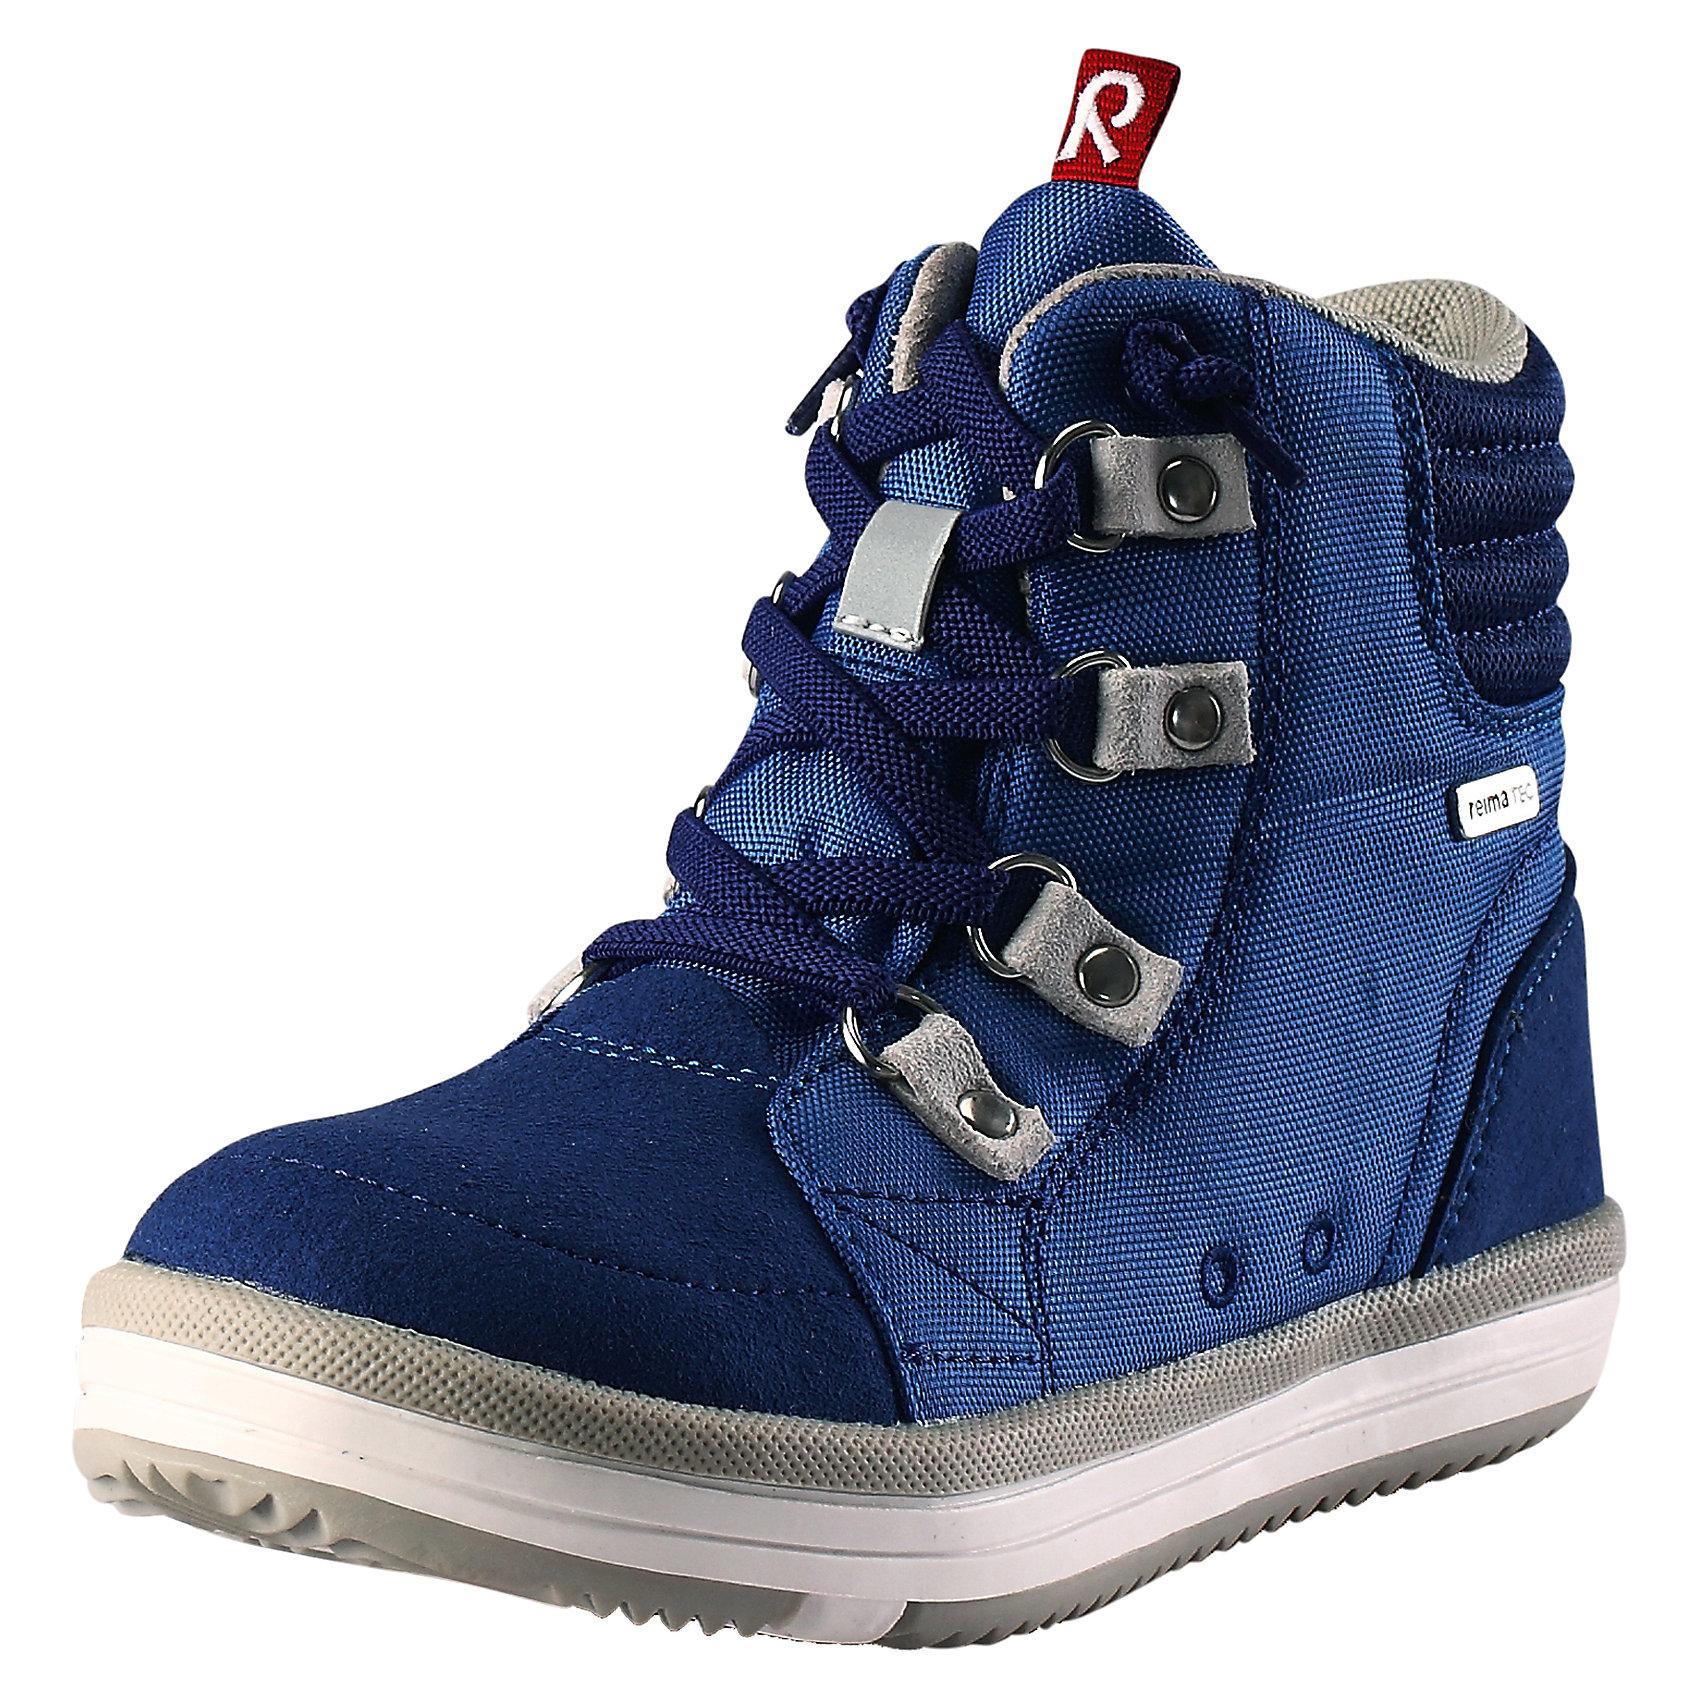 Ботинки Wetter Wash Reimatec® ReimaХарактеристики товара:<br><br>• цвет: синий<br>• состав: верх - ПЭ/ПУ, подошва - термопластичная резина<br>• температурный режим: от +5°до +15°С<br>• застежка: шнуровка<br>• демисезонные<br>• устойчивая подошва<br>• светоотражающие детали<br>• съемные стельки с рисунком Happy Fit, помогающие определить размер<br>• светоотражающие детали<br>• с подкладкой из искусственного меха<br>• усиленная пятка и носок<br>• водонепроницаемая конструкция с герметичными вставками<br>• можно стирать в машине при температуре 30 °C<br>• страна производства: Китай<br>• страна бренда: Финляндия<br>• коллекция: весна-лето 2017<br><br>Детская демисезонная обувь может быть модной и комфортной одновременно! Удобные стильные ботинки помогут обеспечить ребенку комфорт и дополнить наряд. Они отлично смотрятся с различной одеждой. Ботинки Reimatec® удобно сидят на ноге и аккуратно смотрятся. Легко чистятся и долго служат. Продуманная конструкция разрабатывалась специально для детей.<br><br>Одежда и обувь от финского бренда Reima пользуется популярностью во многих странах. Эти изделия стильные, качественные и удобные. Для производства продукции используются только безопасные, проверенные материалы и фурнитура. Порадуйте ребенка модными и красивыми вещами от Reima! <br><br>Ботинки Reimatec® от финского бренда Reima (Рейма) можно купить в нашем интернет-магазине.<br><br>Ширина мм: 262<br>Глубина мм: 176<br>Высота мм: 97<br>Вес г: 427<br>Цвет: синий<br>Возраст от месяцев: 48<br>Возраст до месяцев: 60<br>Пол: Мужской<br>Возраст: Детский<br>Размер: 28,33,34,32,36,30,29,37,35,24,25,38,26,31,27<br>SKU: 5267197